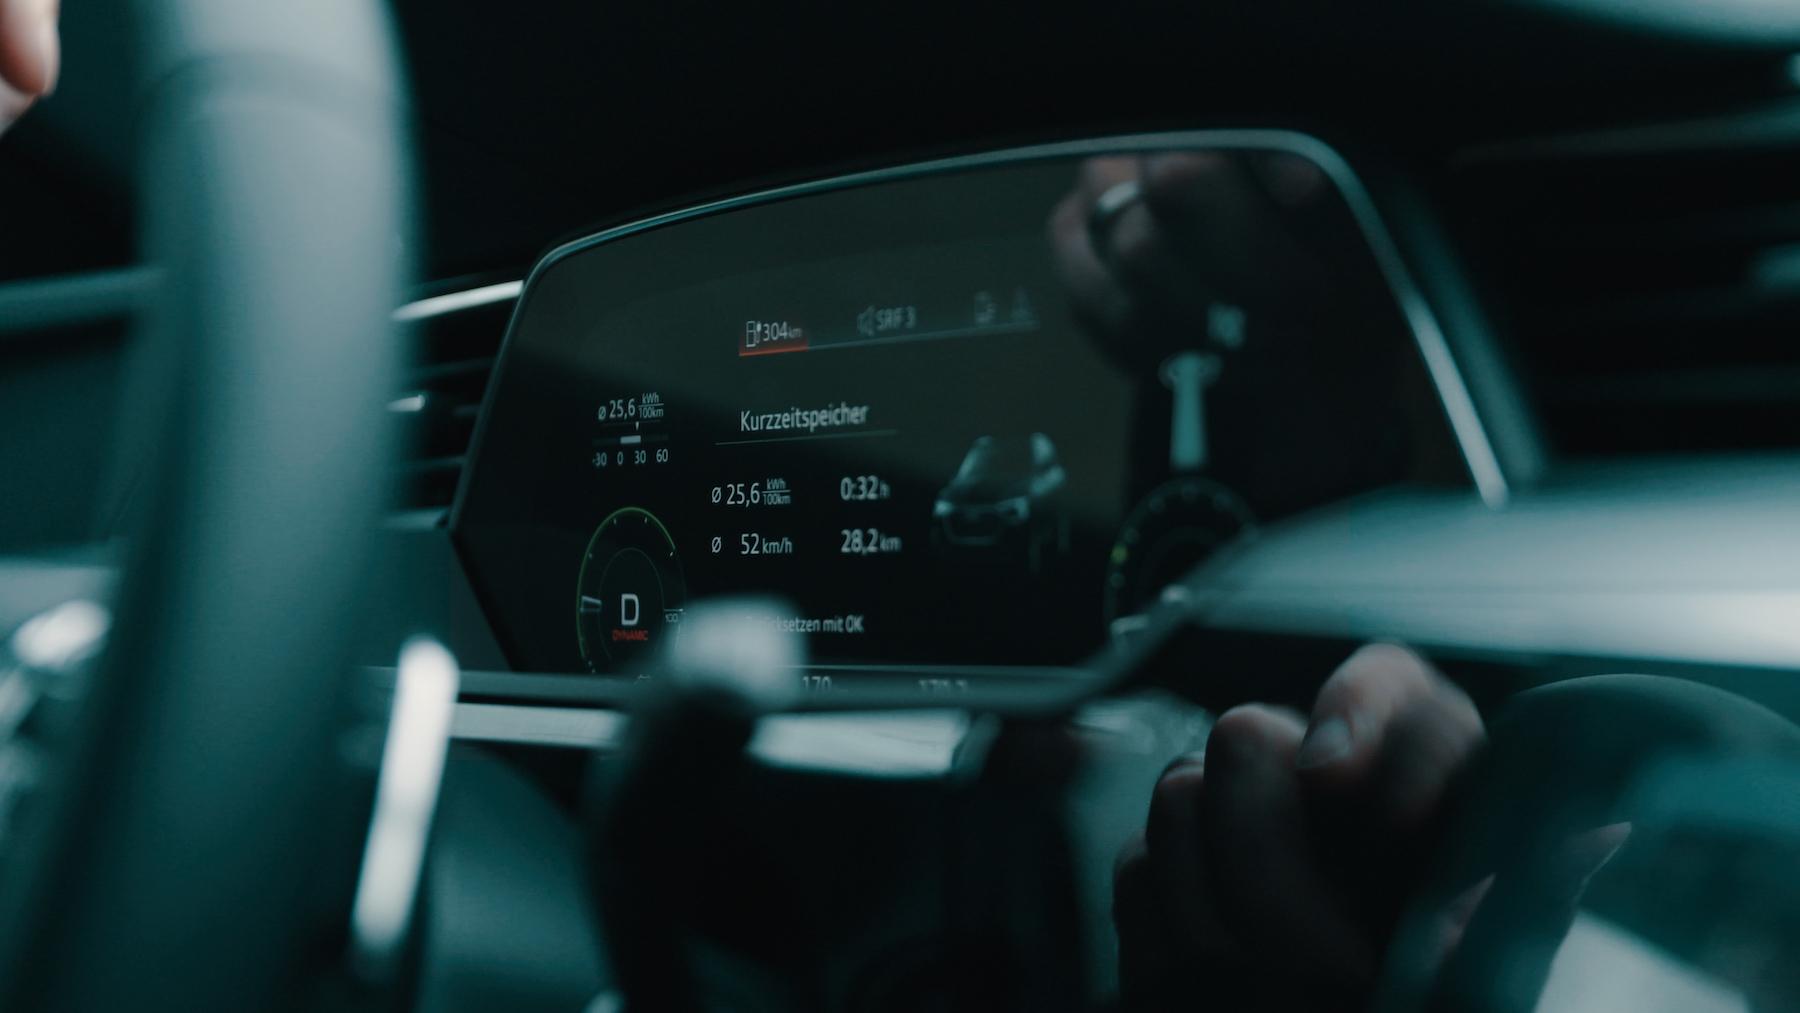 Il Virtual cockpit dell'Audi e-tron mostra per quanto durerà ancora l'energia immagazzinata.